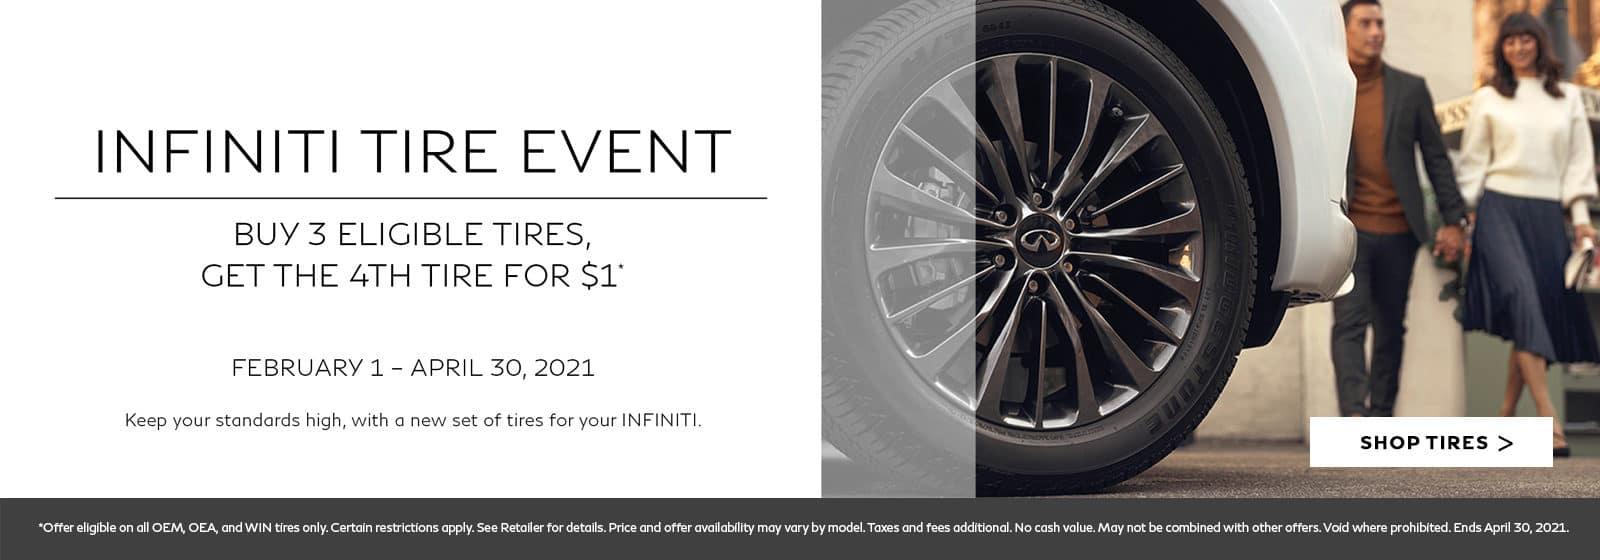 Infiniti-Tire-Offer-Feb21-Banner